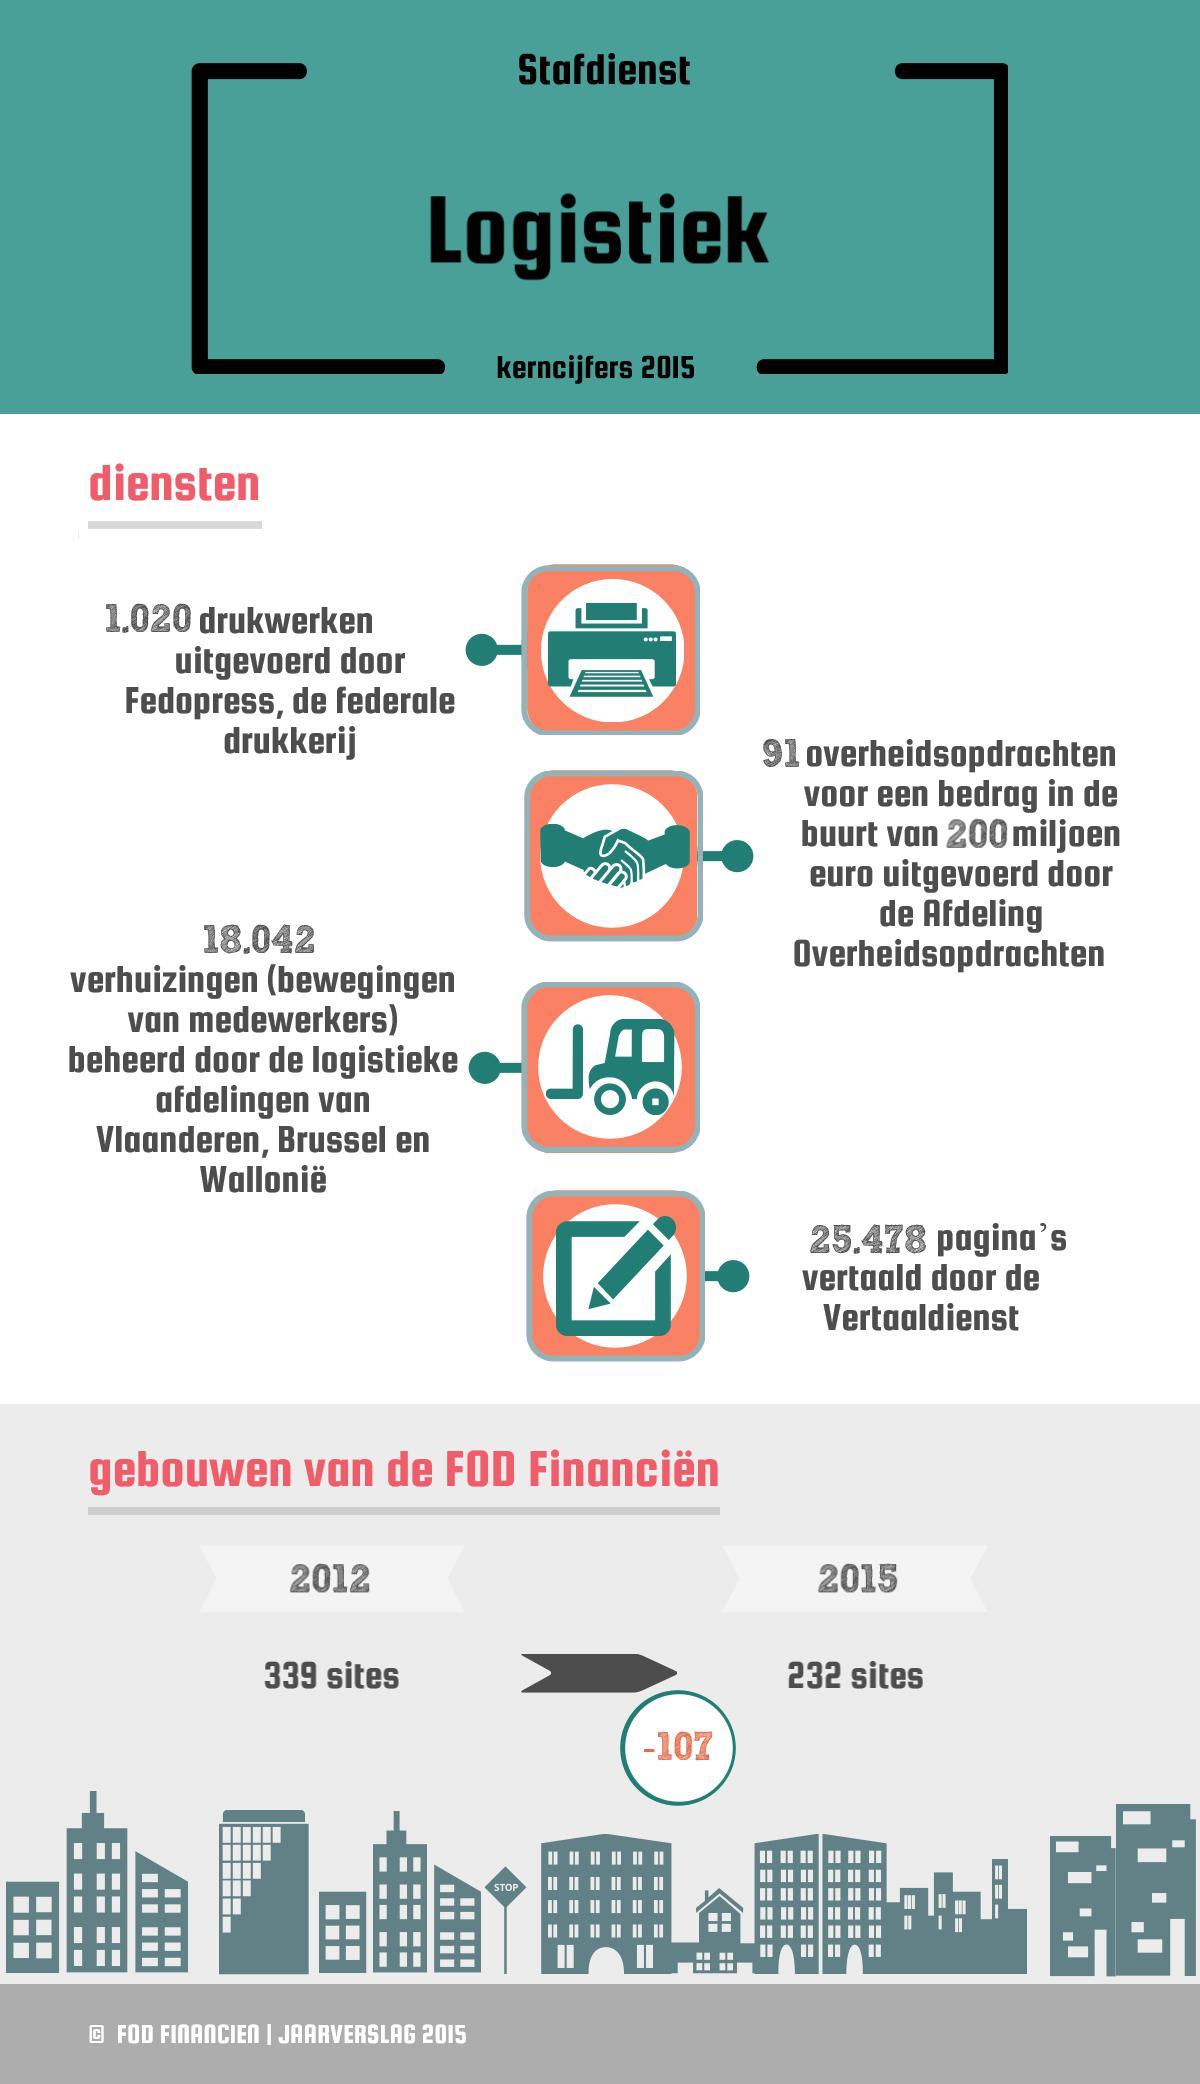 Diensten: 1.020 drukwerken uitgevoerd door Fedopress, de federale drukkerij / 91 overheidsopdrachten voor een bedrag in de buurt van 200 miljoen euro uitgevoerd door de Afdeling Overheidsopdrachten / 18.042 verhuizingen (bewegingen van medewerkers) beheerd door de logistieke afdelingen van Vlaanderen, Brussel en Wallonië /25.478 pagina's vertaald door de Vertaaldienst | Gebouwen van de FOD Financiën: 339 sites in 2012 / 232 sites in 2015 (-107)